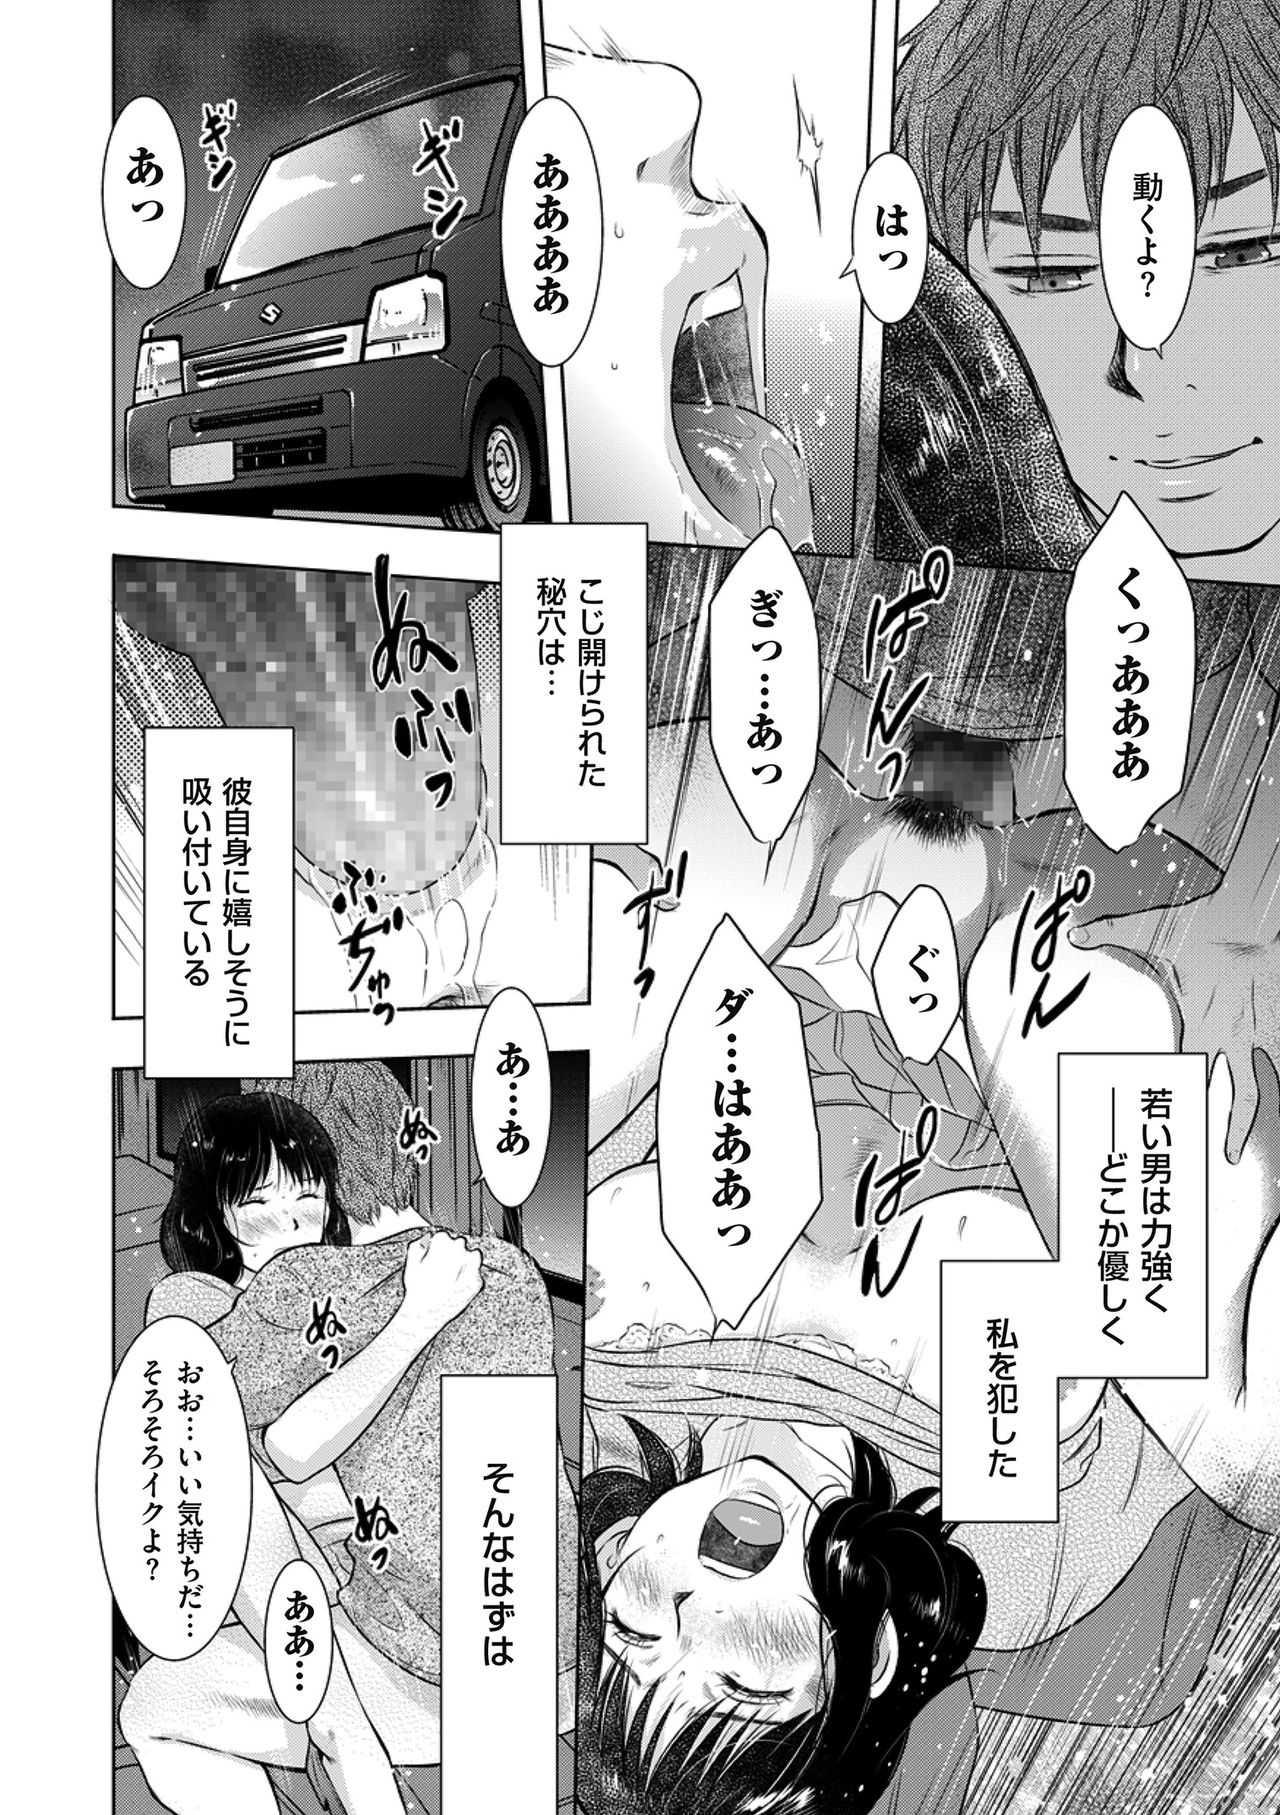 【エロ漫画】結婚八年目の巨乳人妻…若い男との過激なカーセックスに溺れてしまうwww【うらまっく:寝取られた人妻の告白】